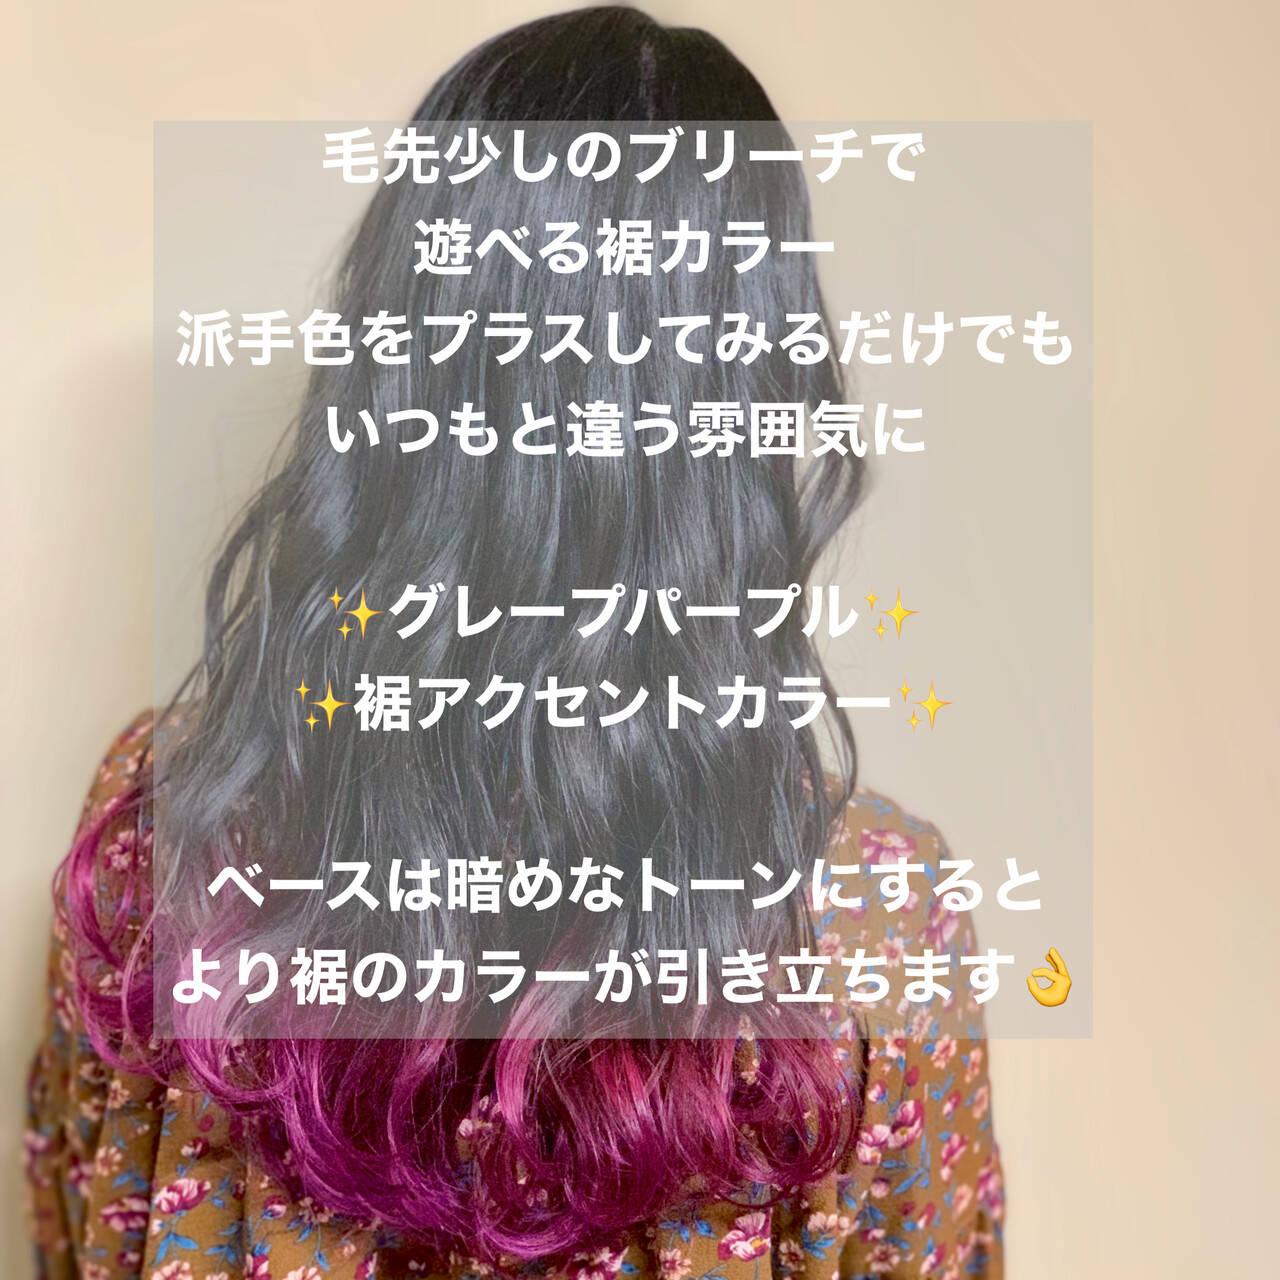 ロング パープルアッシュ パープルカラー モードヘアスタイルや髪型の写真・画像